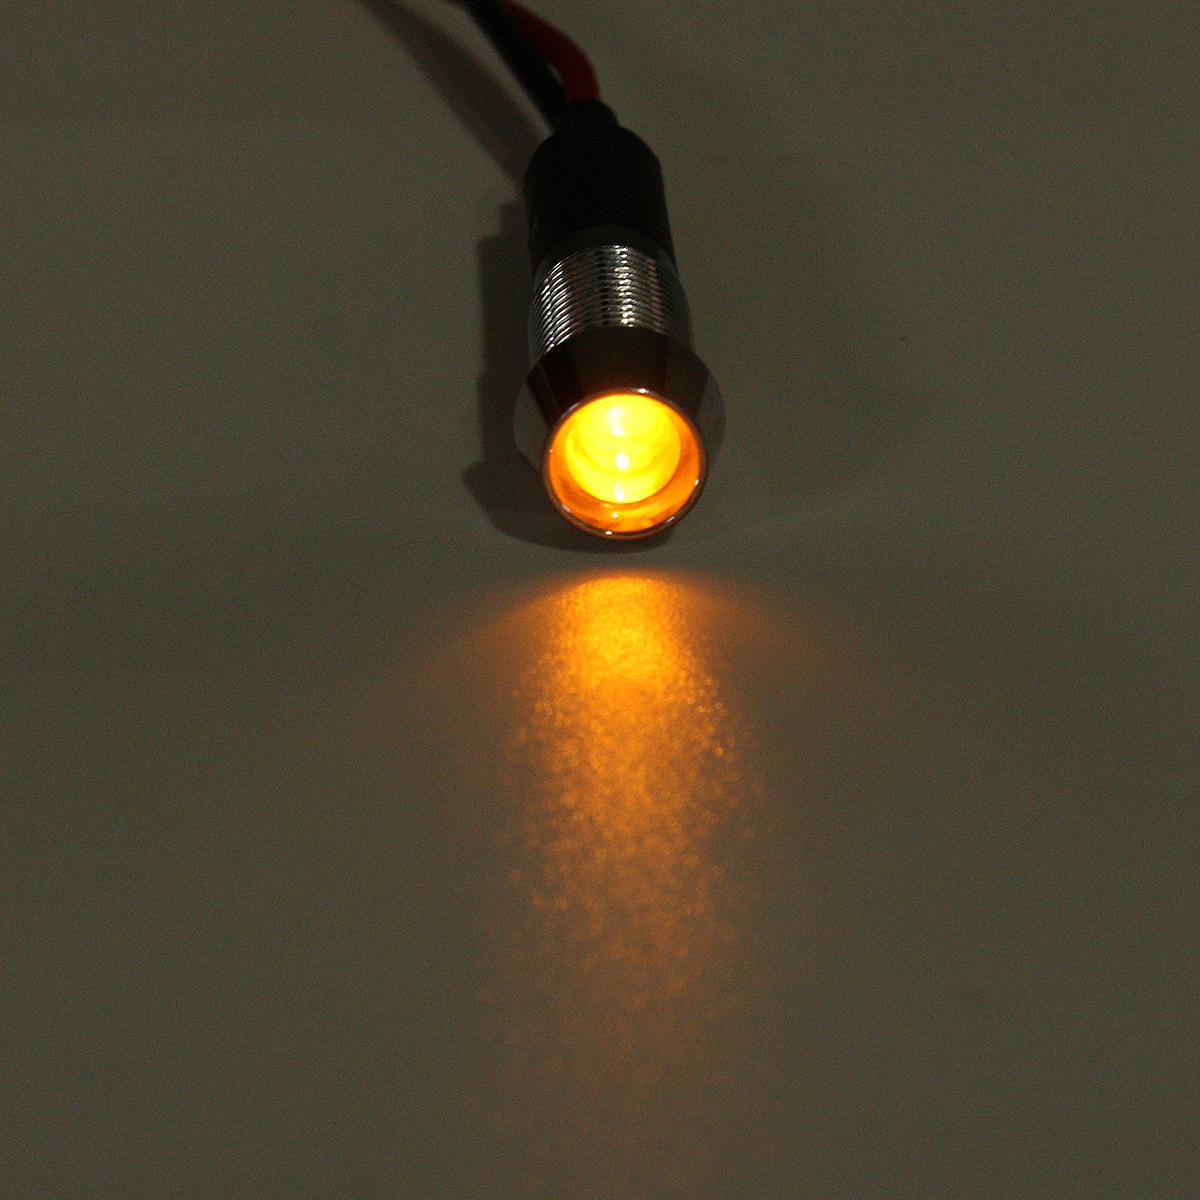 12v 8mm Led Indicator Metal Warning Light Lamp Pilot Panel Dash Car Leds On For Cars And Trucks 5f701d18 Dac4 4ec3 8932 C9e8413cbc89